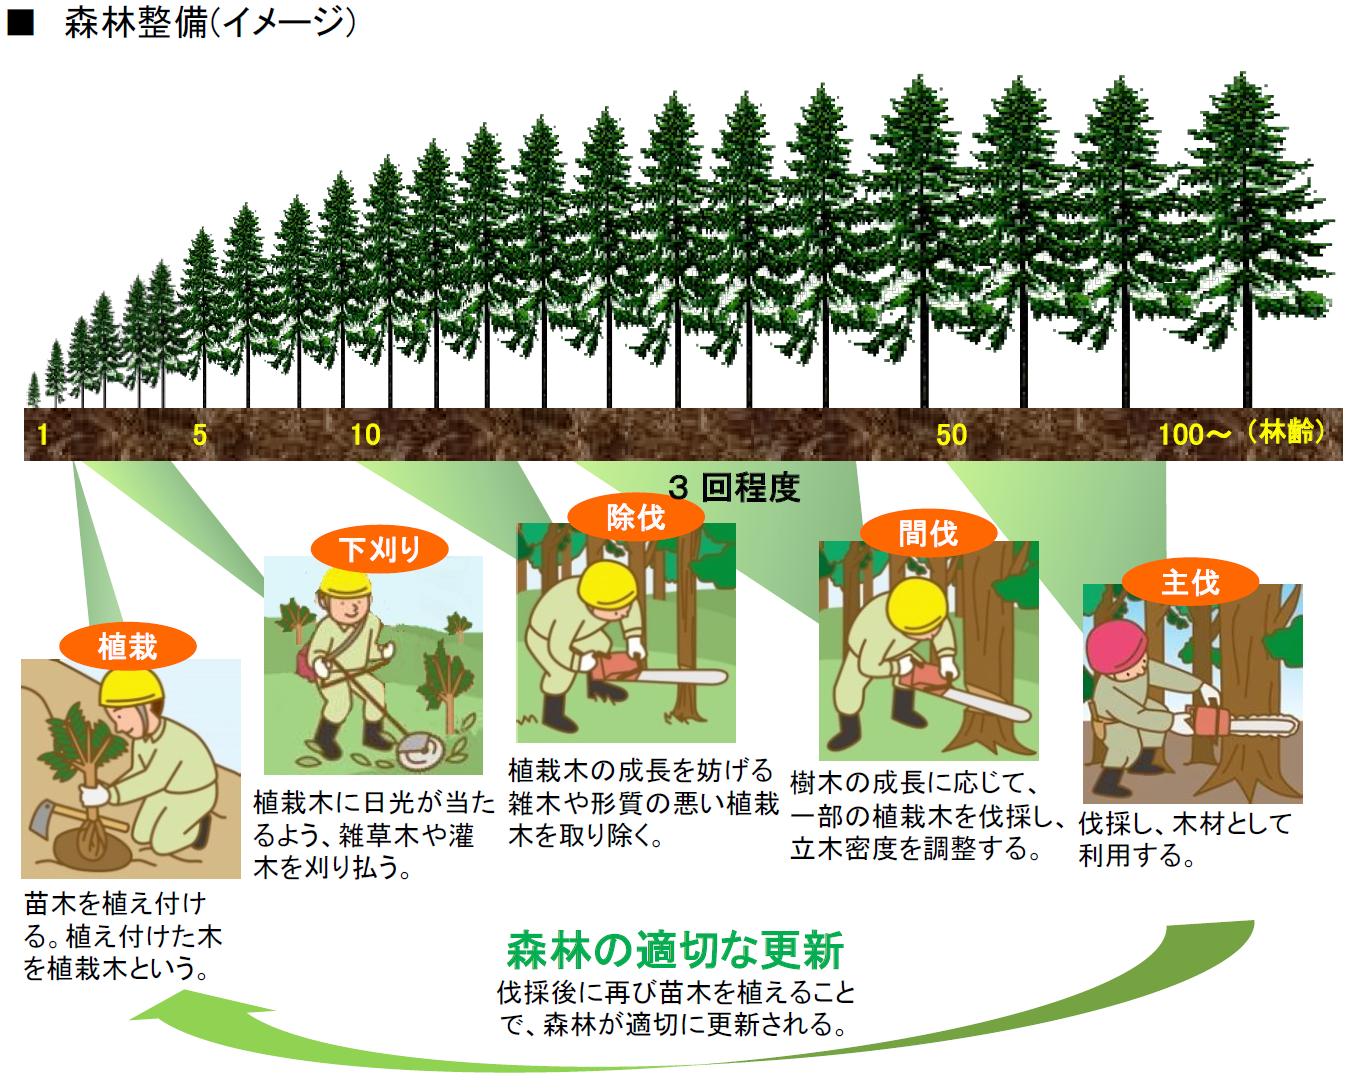 森林の整備イメージ